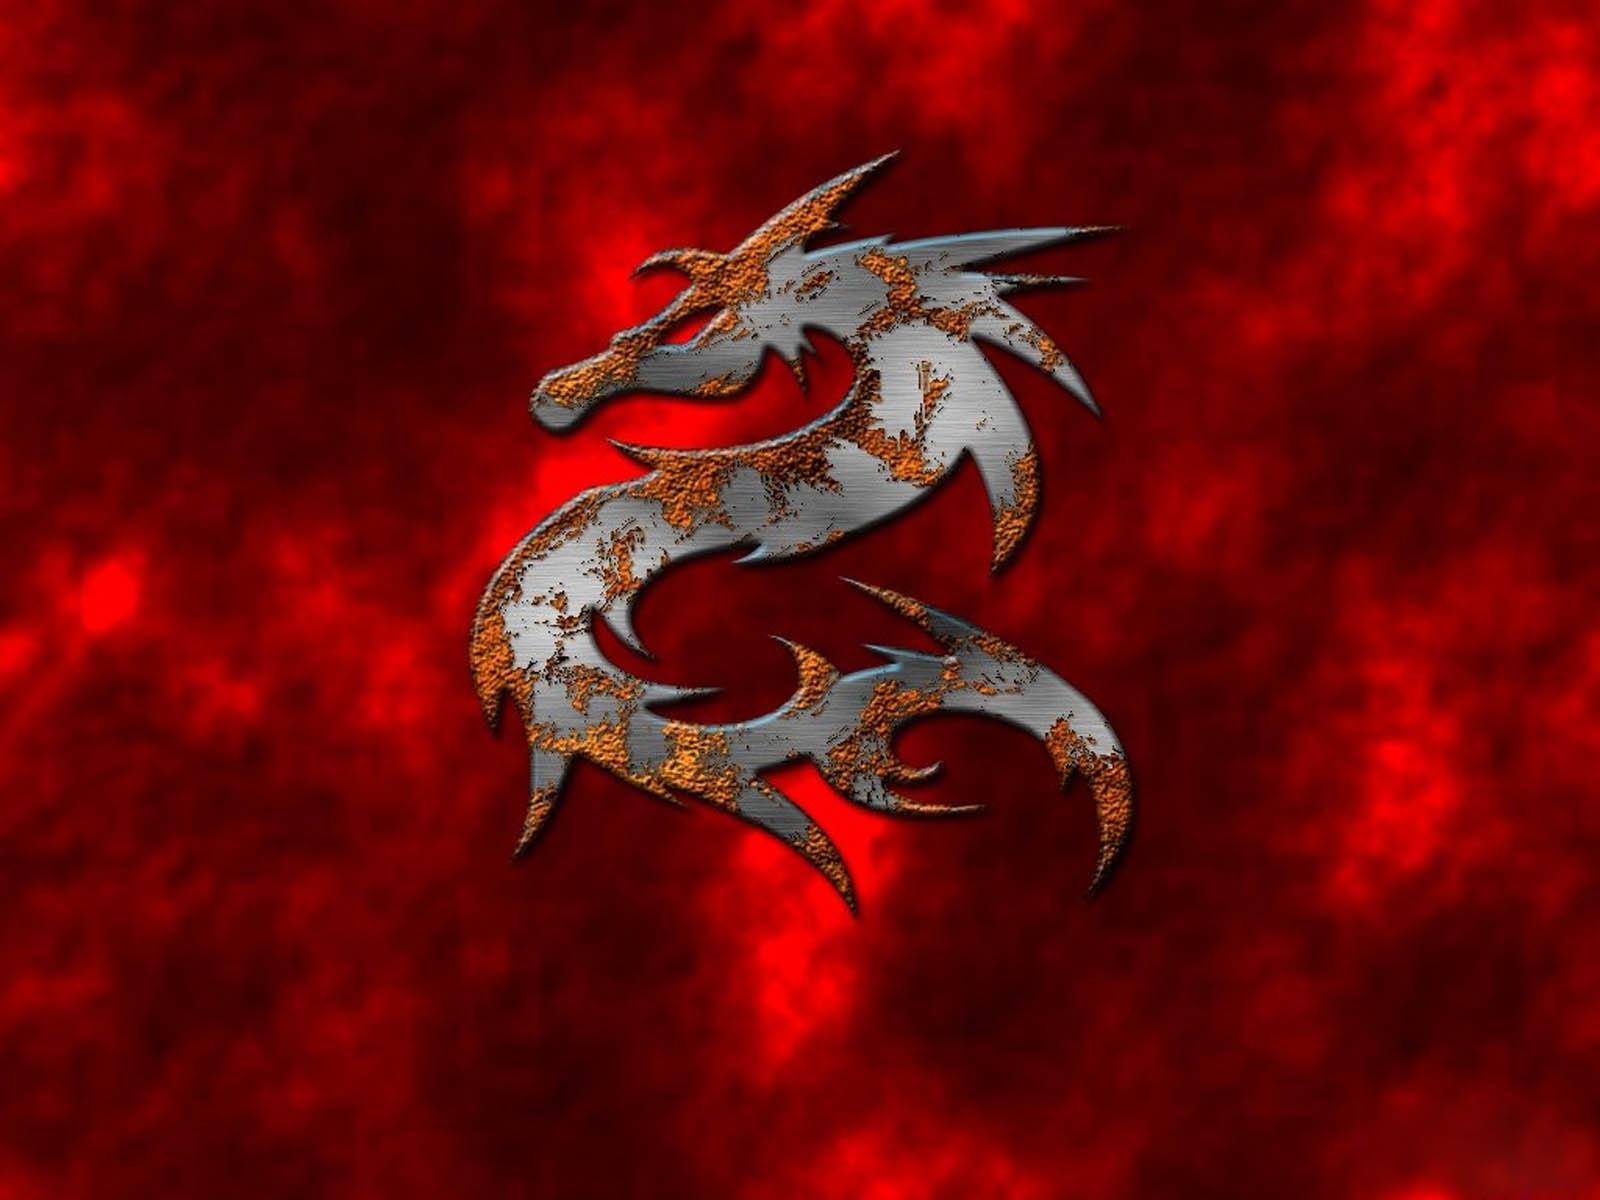 dragon wallpaper 1600x1200 - photo #7